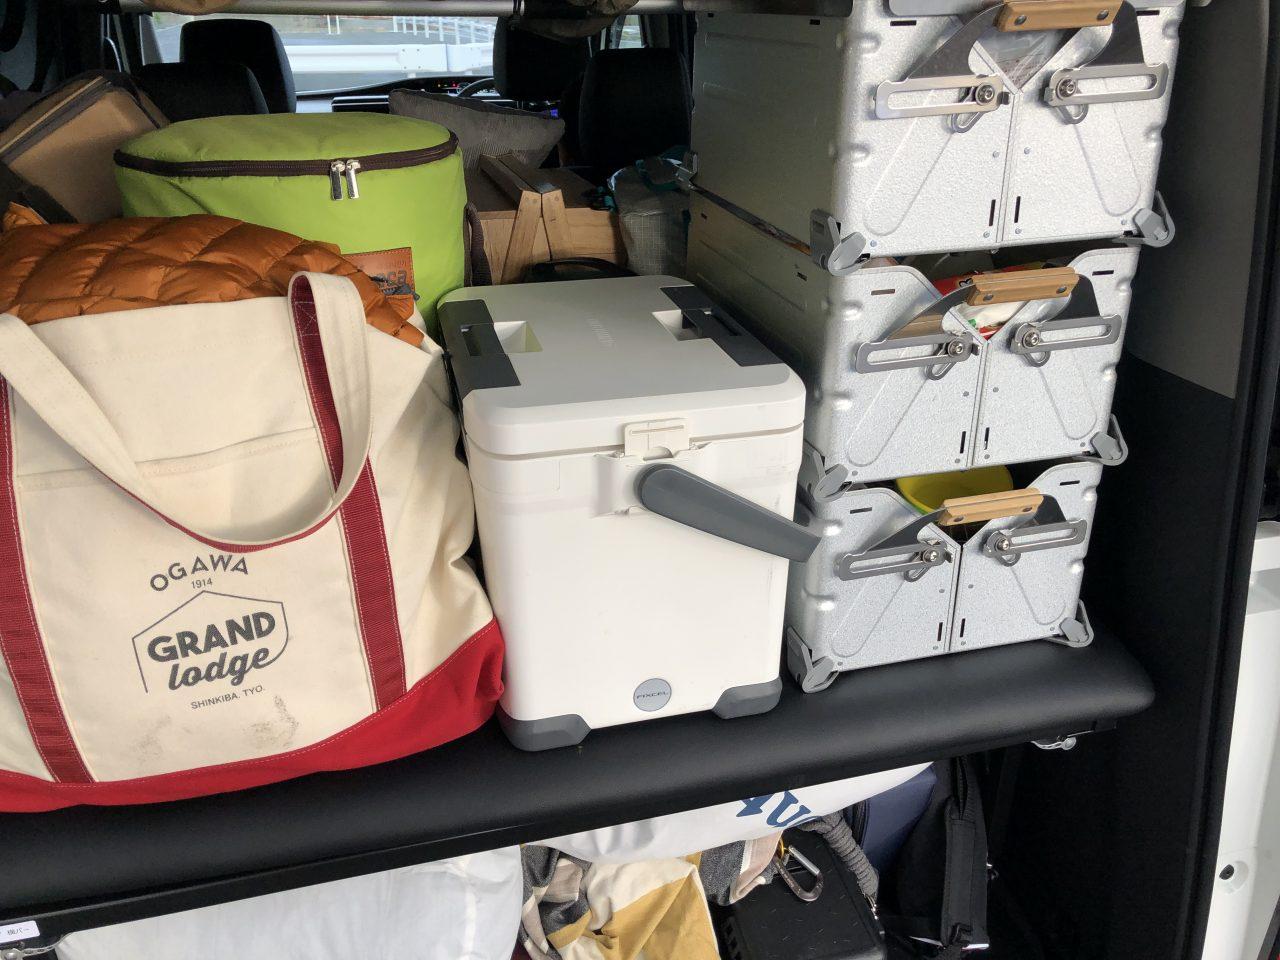 ステップワゴンにベッドキットを取り付けて荷物を積む